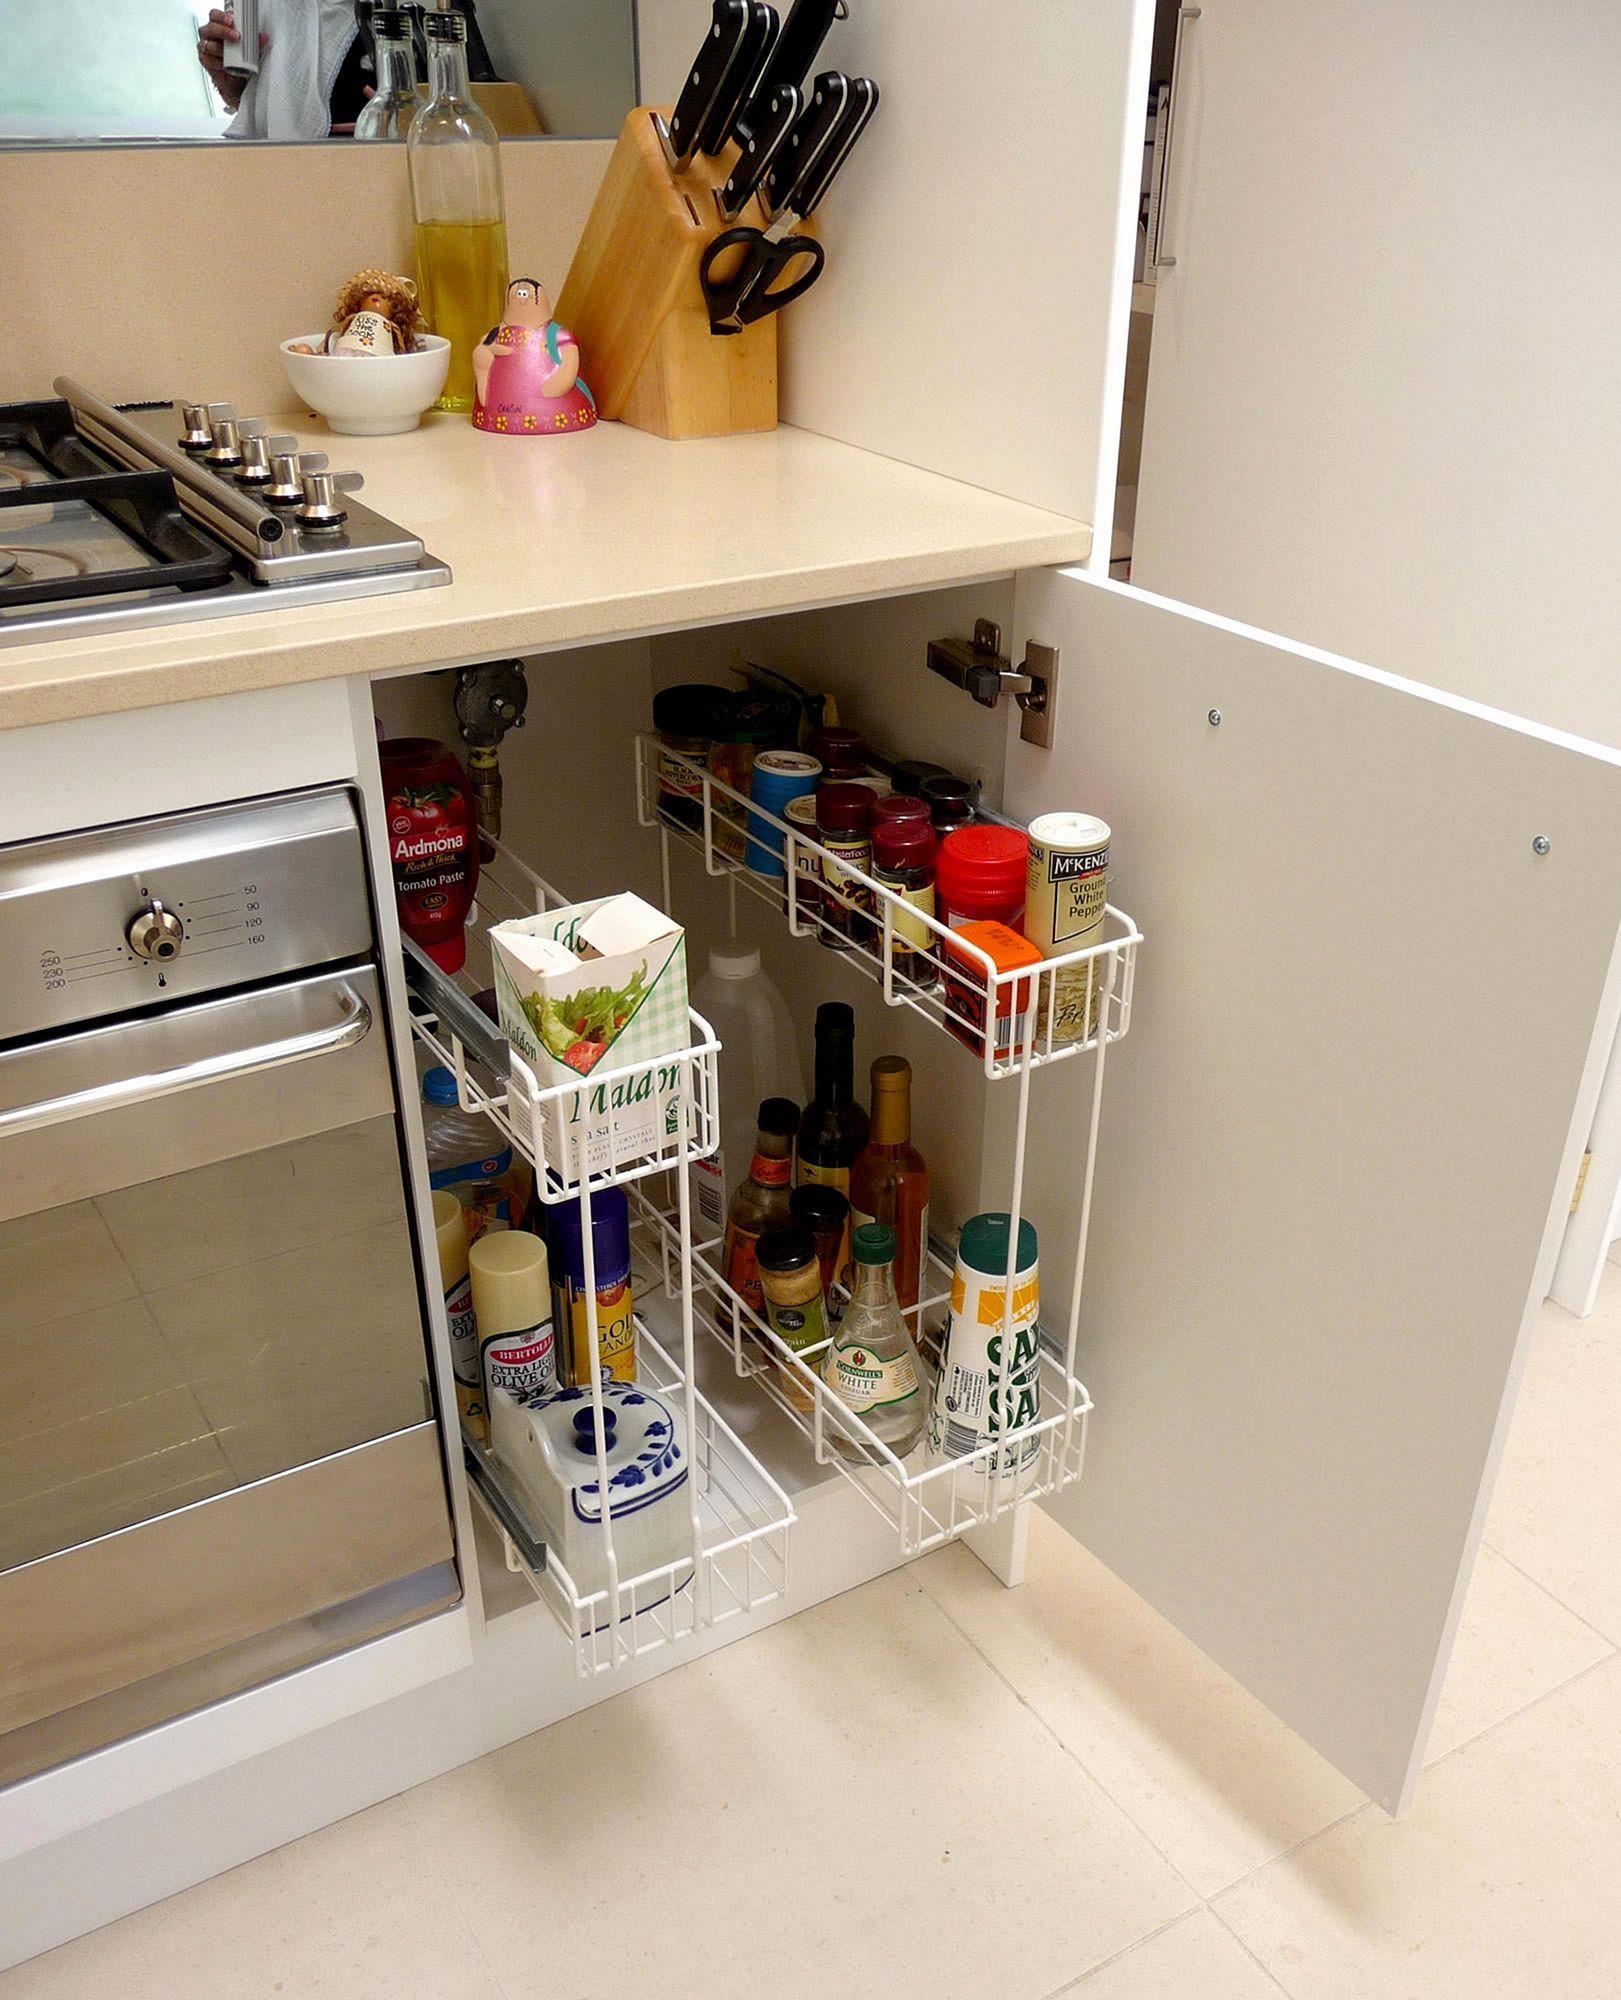 Inspiring 22 Best Rv Kitchen Storage Design For Comfortable Summer Ideas Https Kitchen Storage Solutions Kitchen Cabinet Design Kitchen Storage Organization